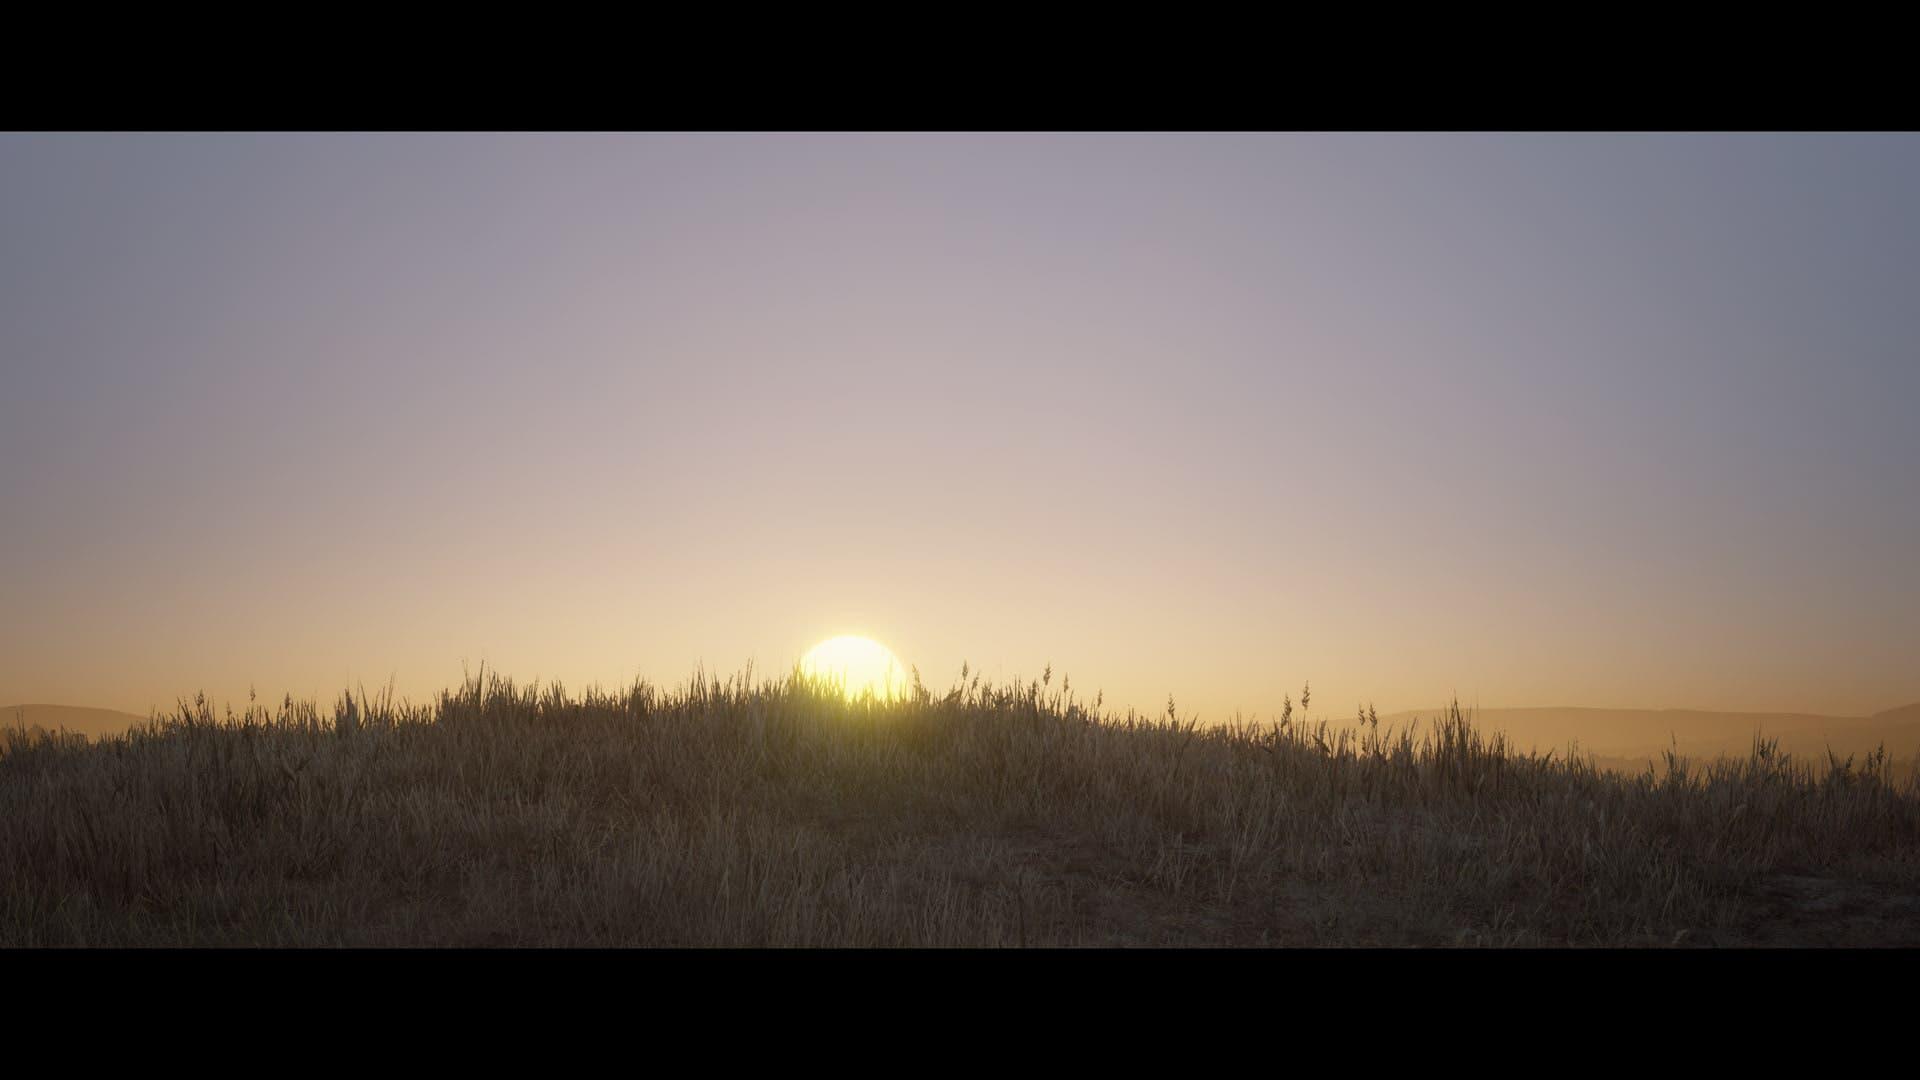 Red Dead Redemption 2: La redención a través de la empatía 6